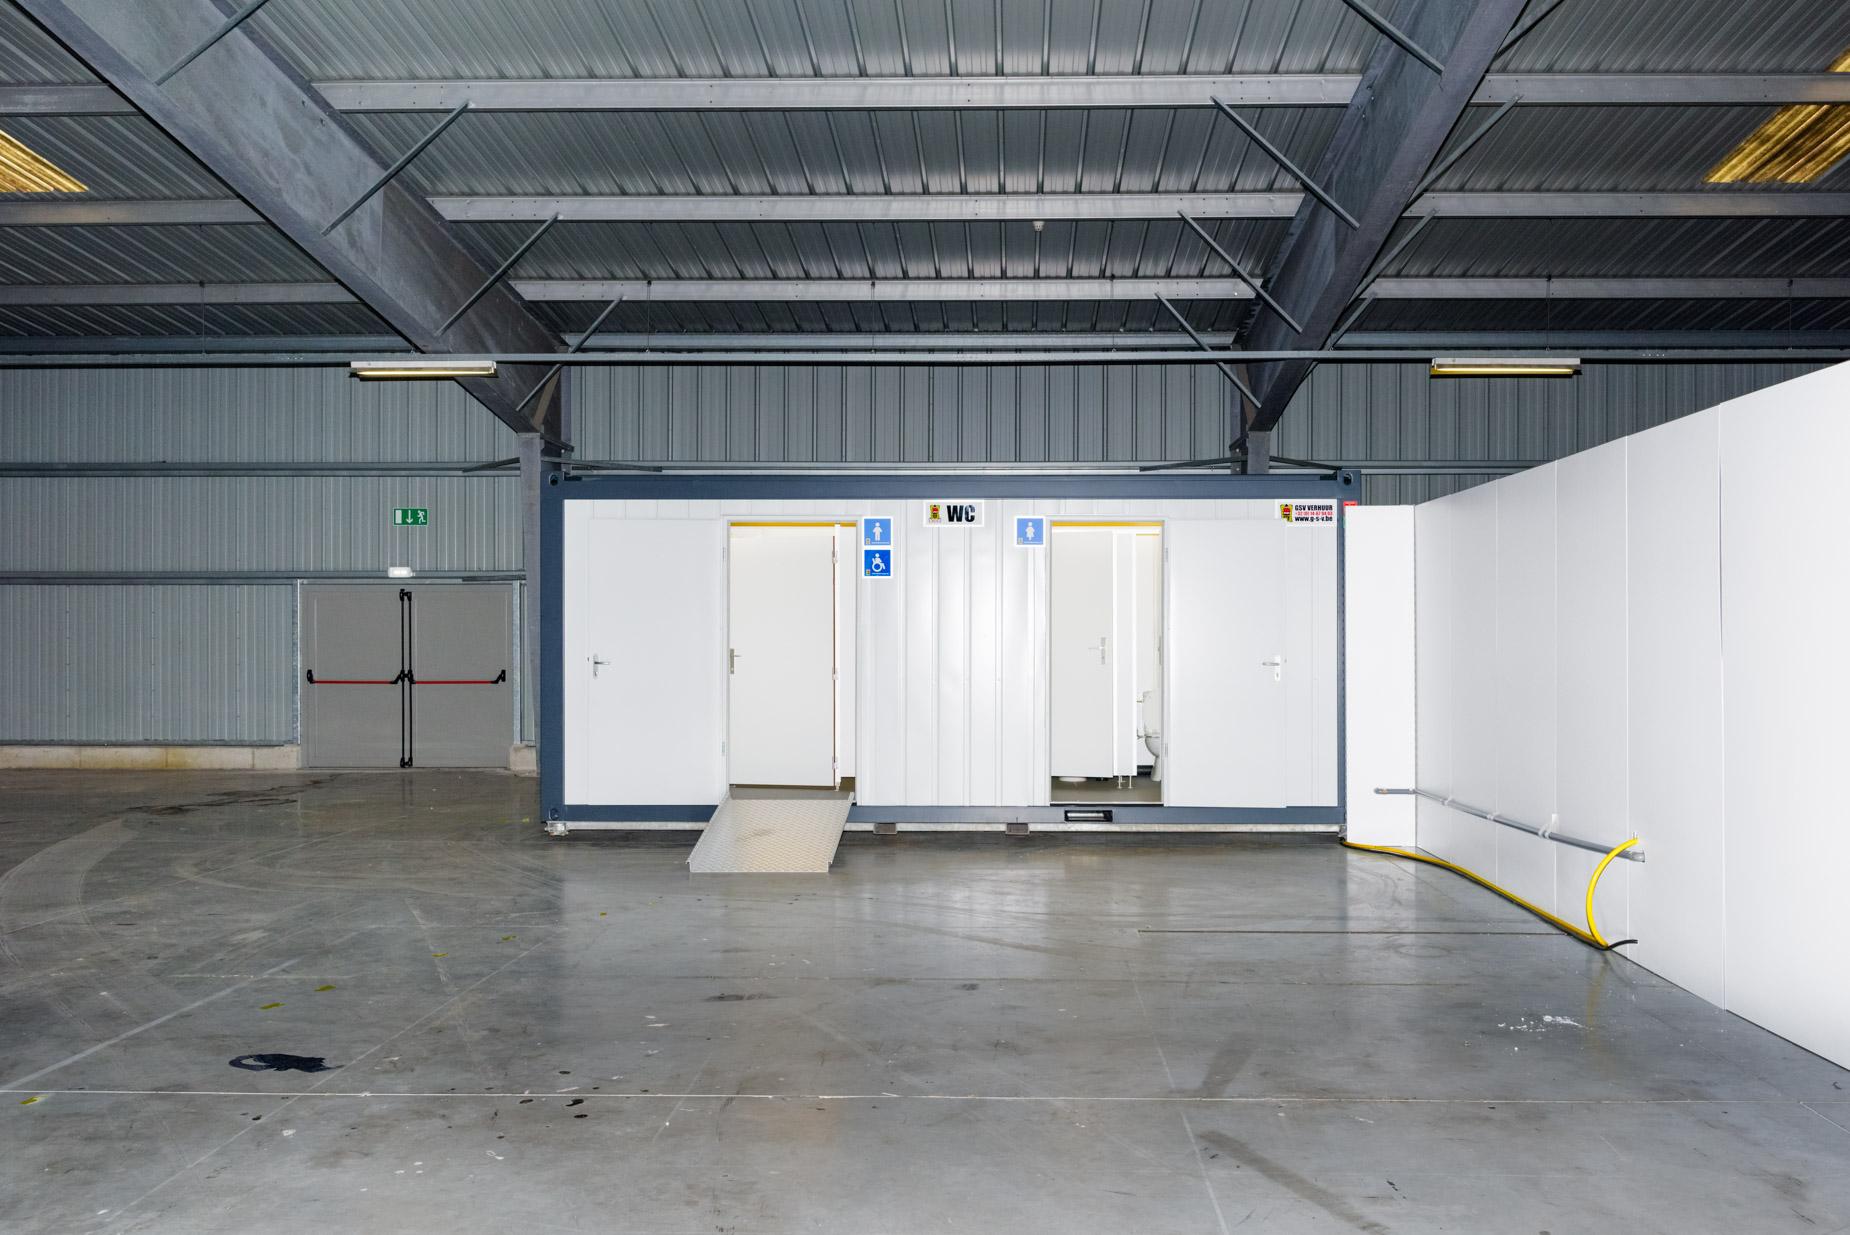 Dry-run vaccinatiecentrum in de NAVO-hallen van Weelde (be) | Sas Schilten Documentaire Fotografie